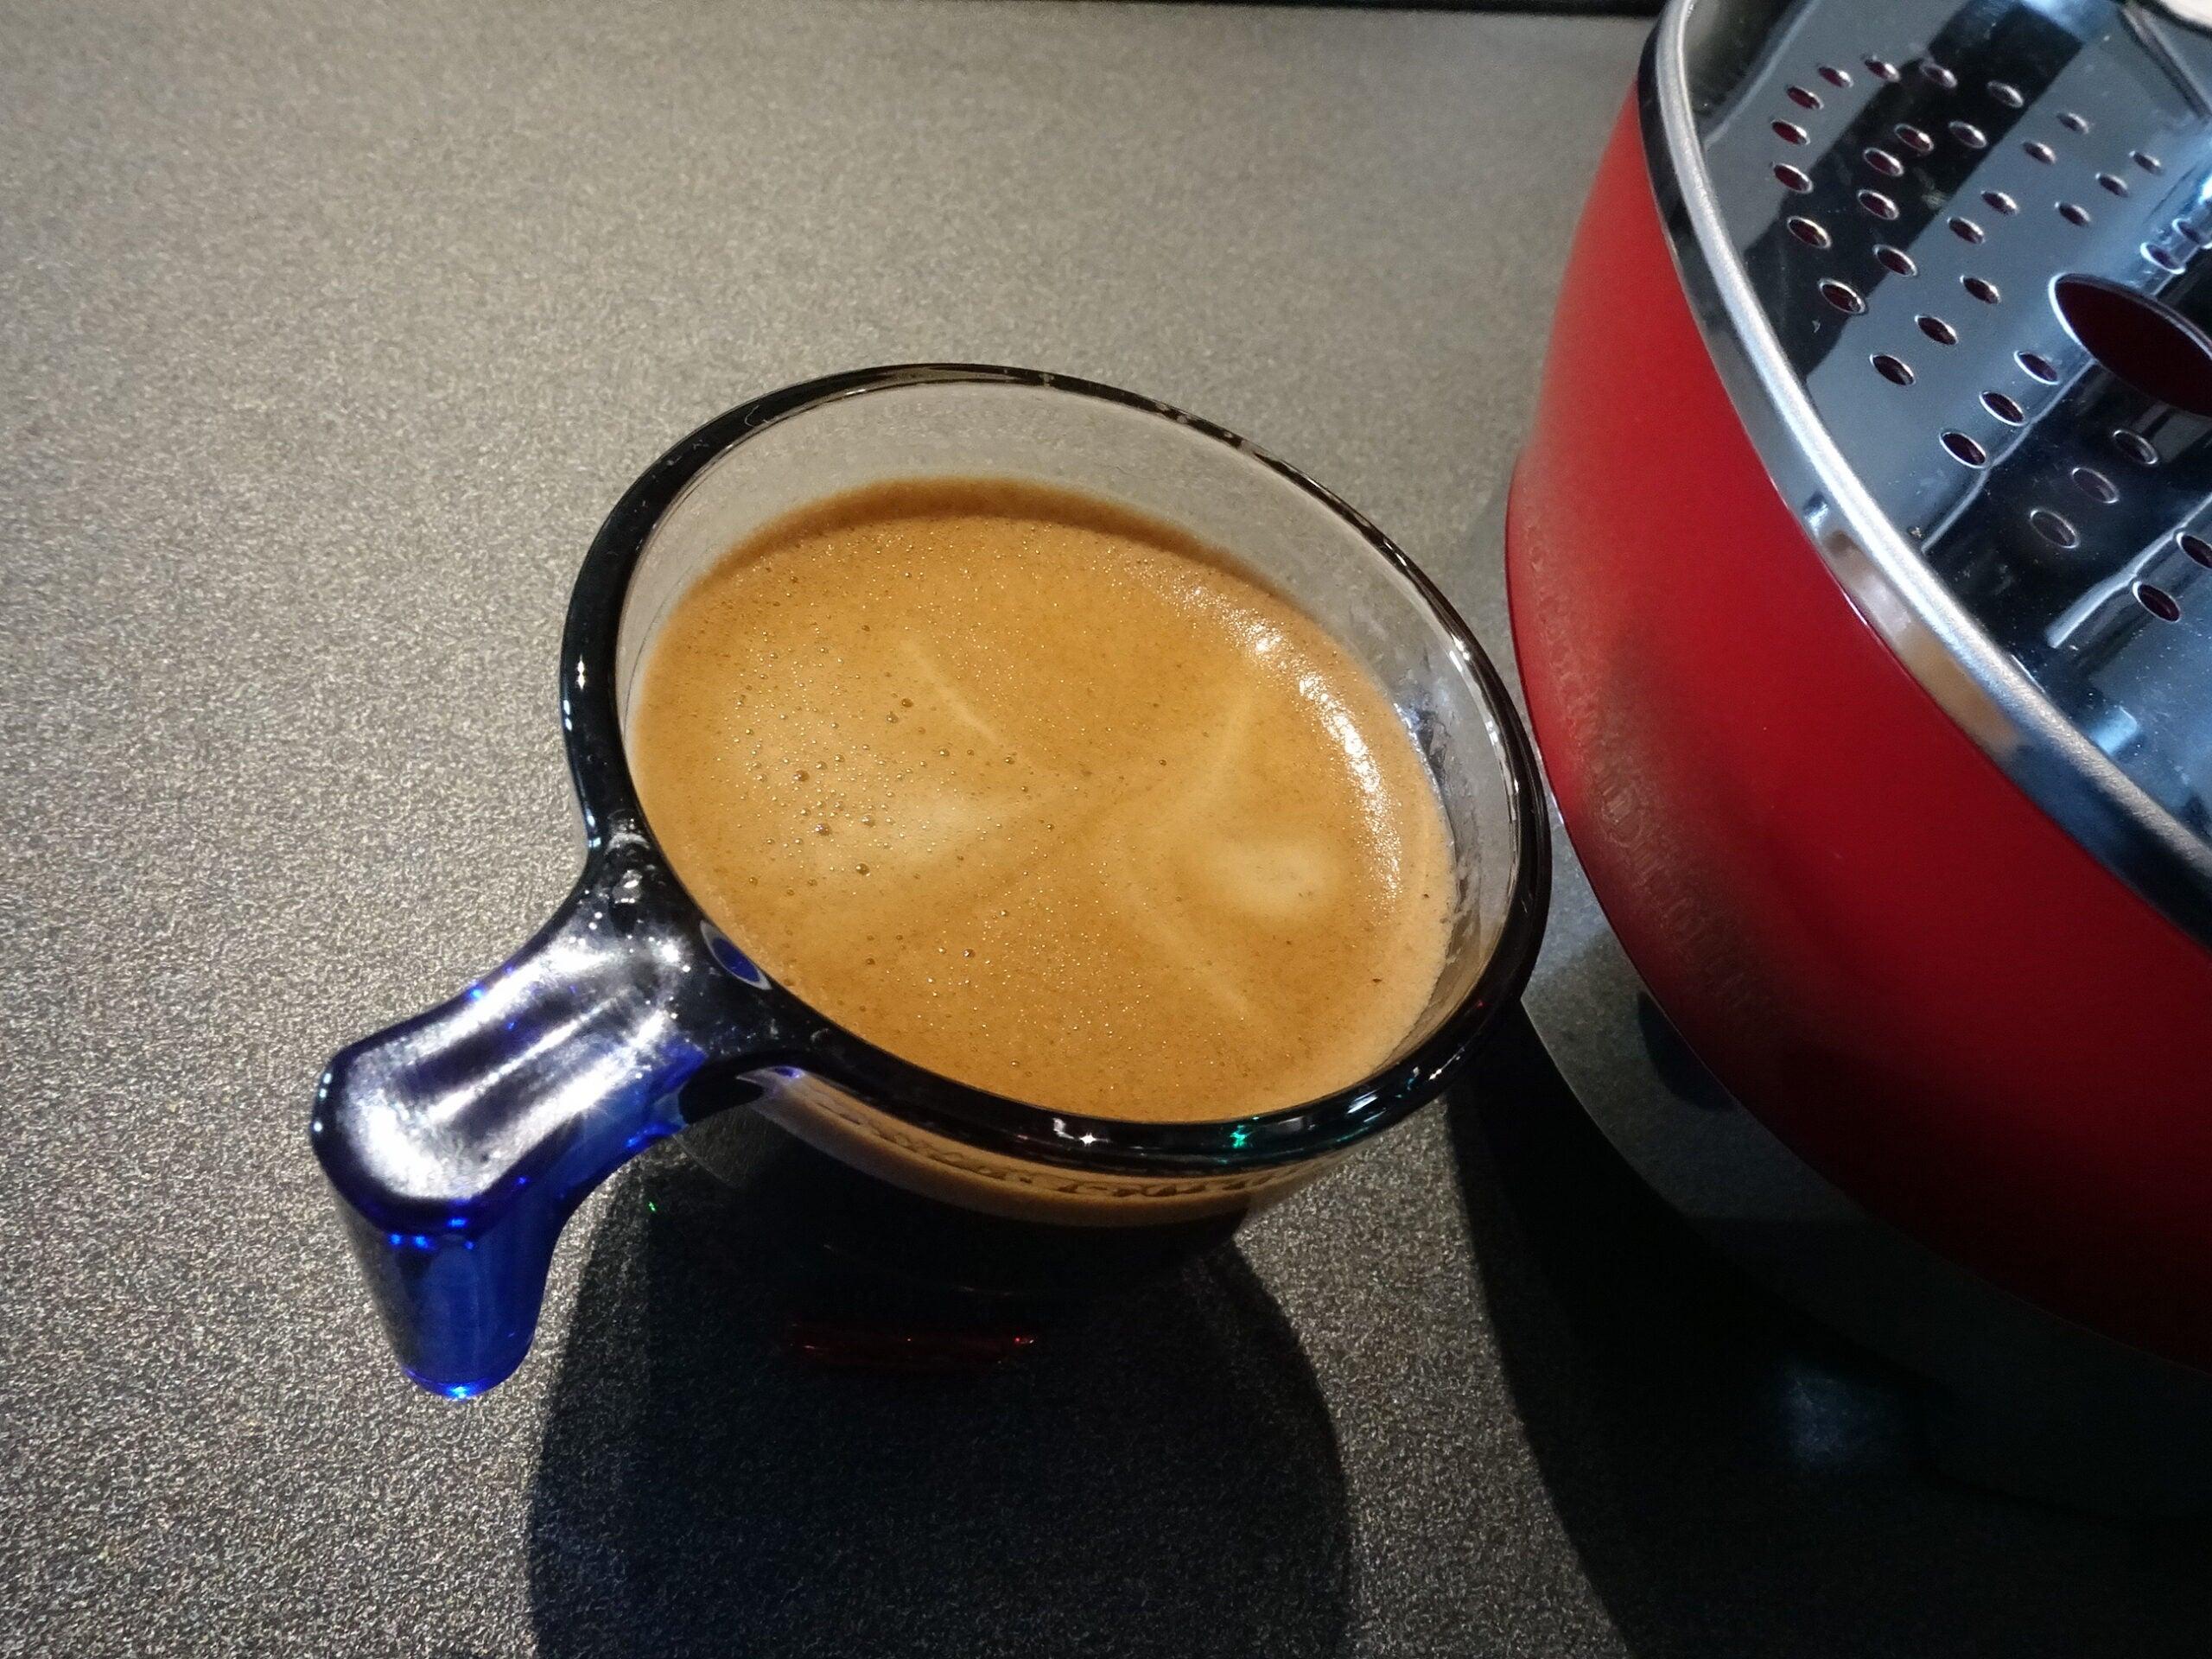 Lavazza A Modo Mio Smeg espresso shot